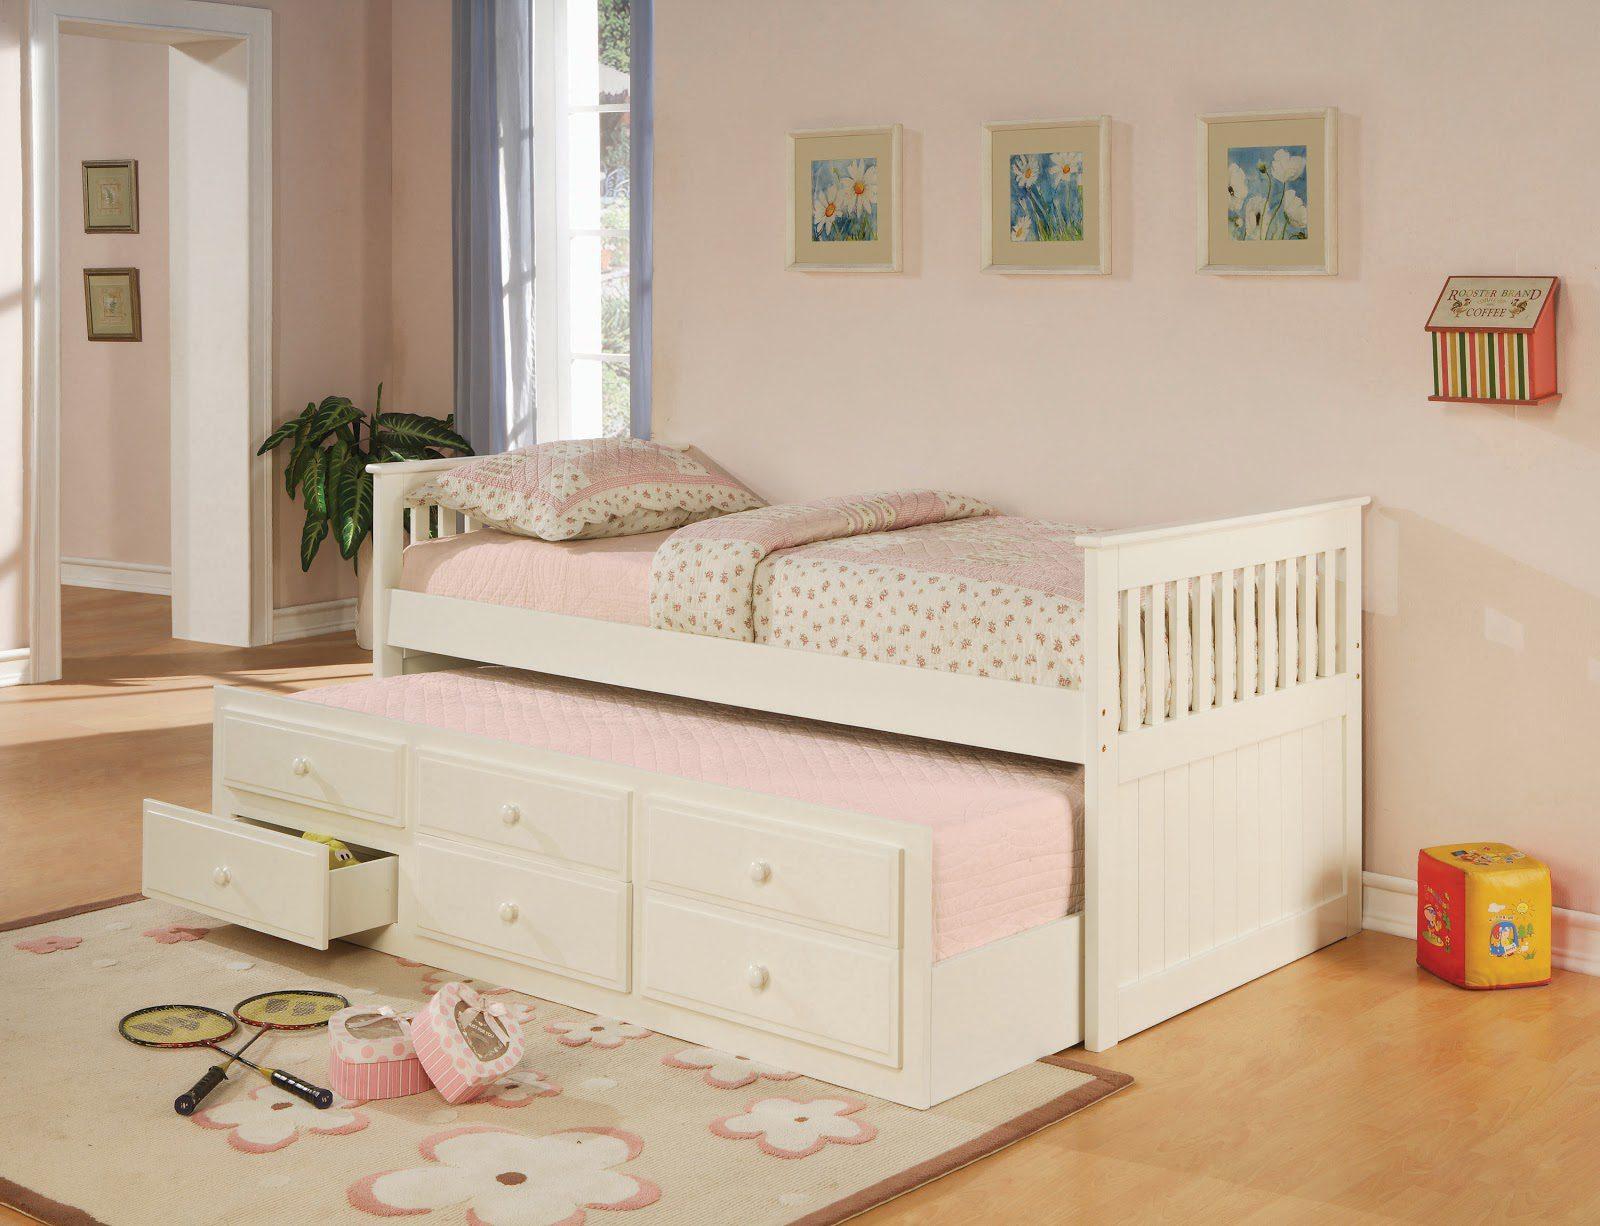 Kids bedroom furniture: Upholstered daybed